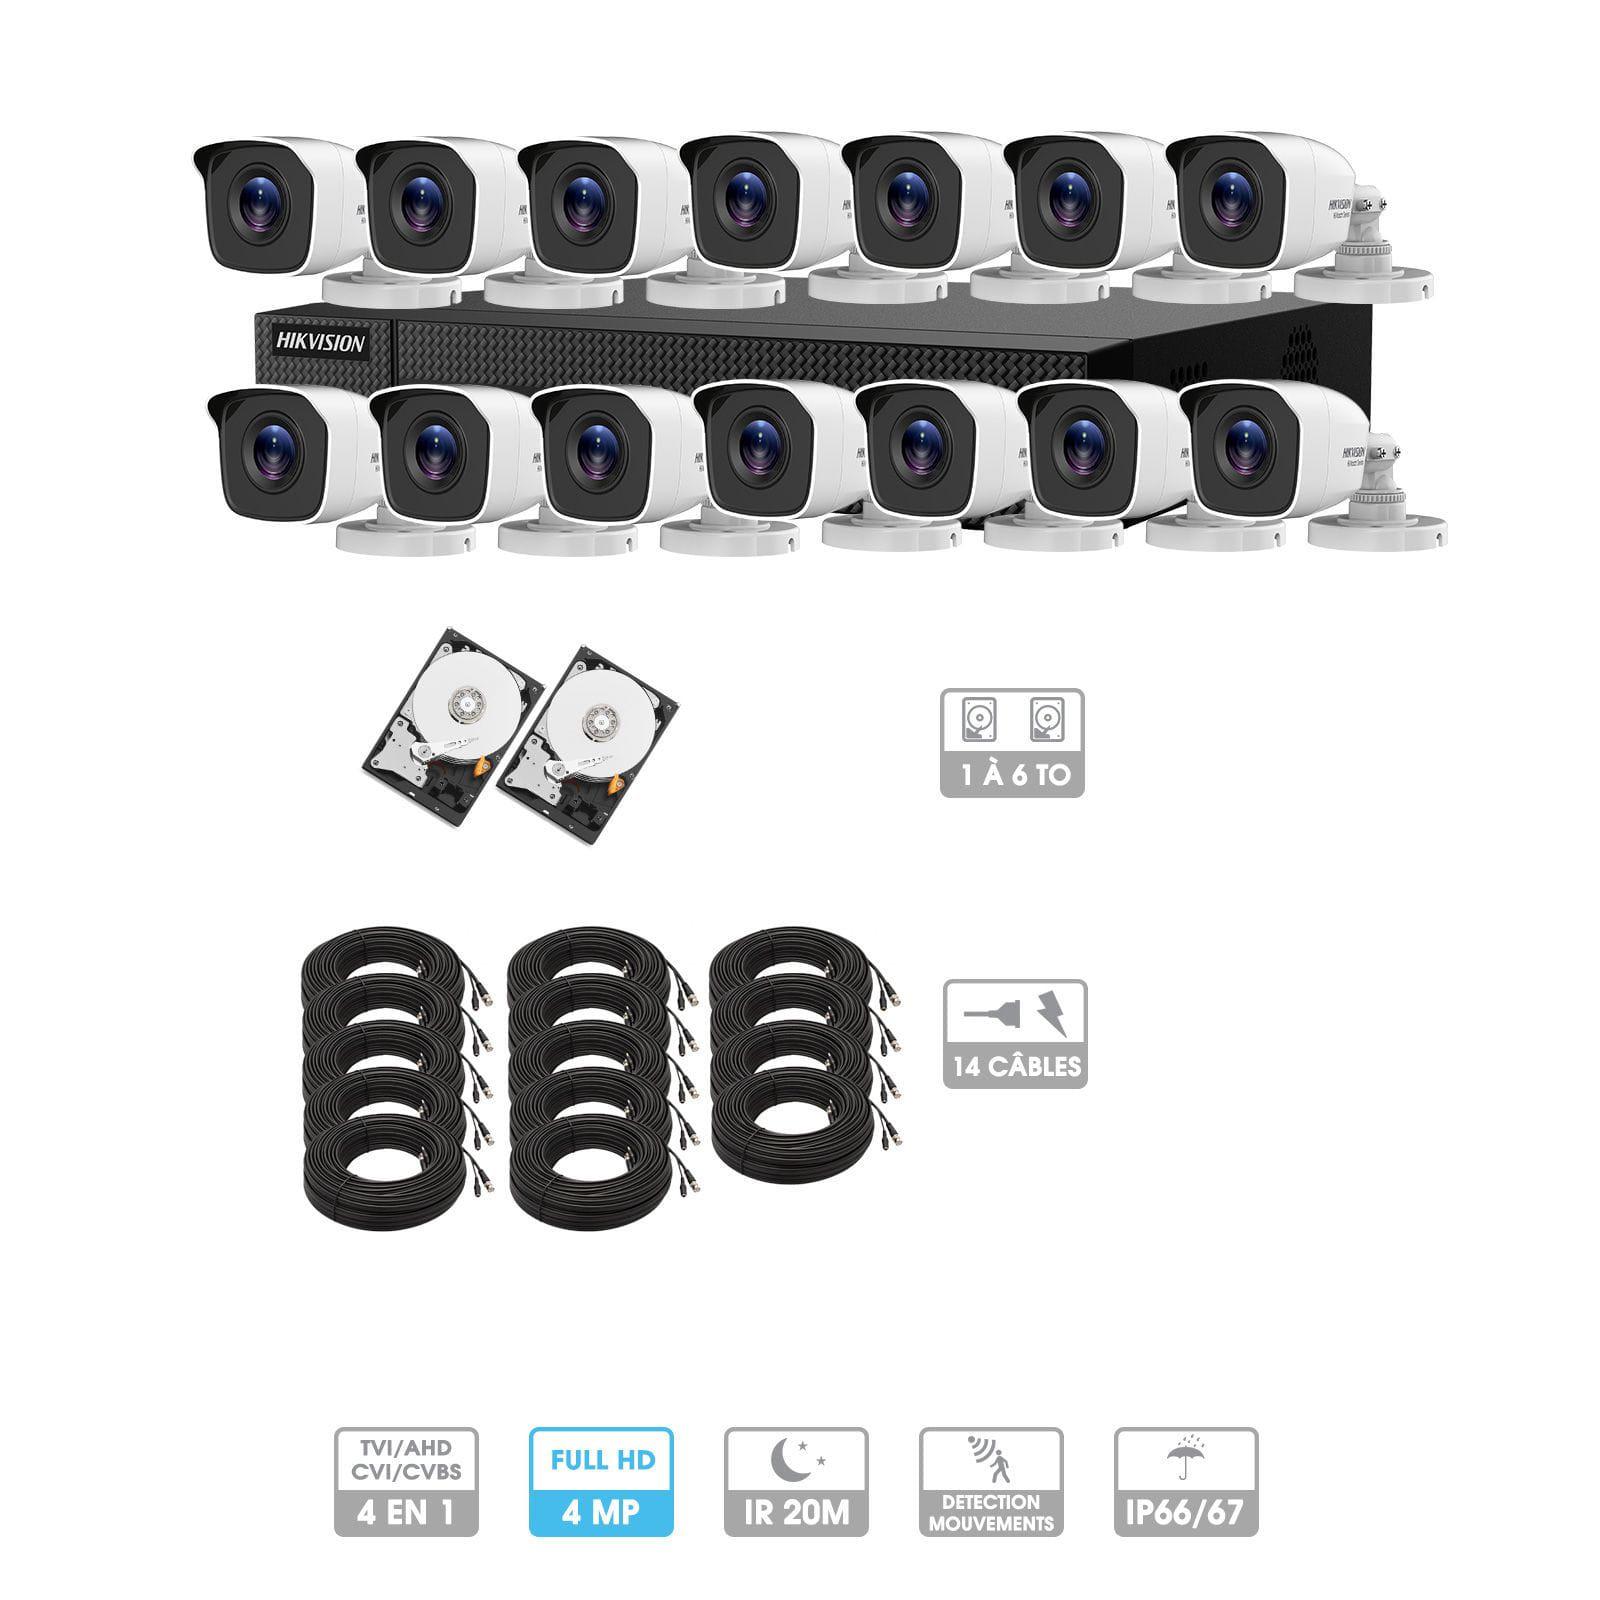 Kit vidéosurveillance 14 caméras | 4MP HD | 14 câbles 20 mètres | 2 HDD 1à 6 To | Tube Hiwatch